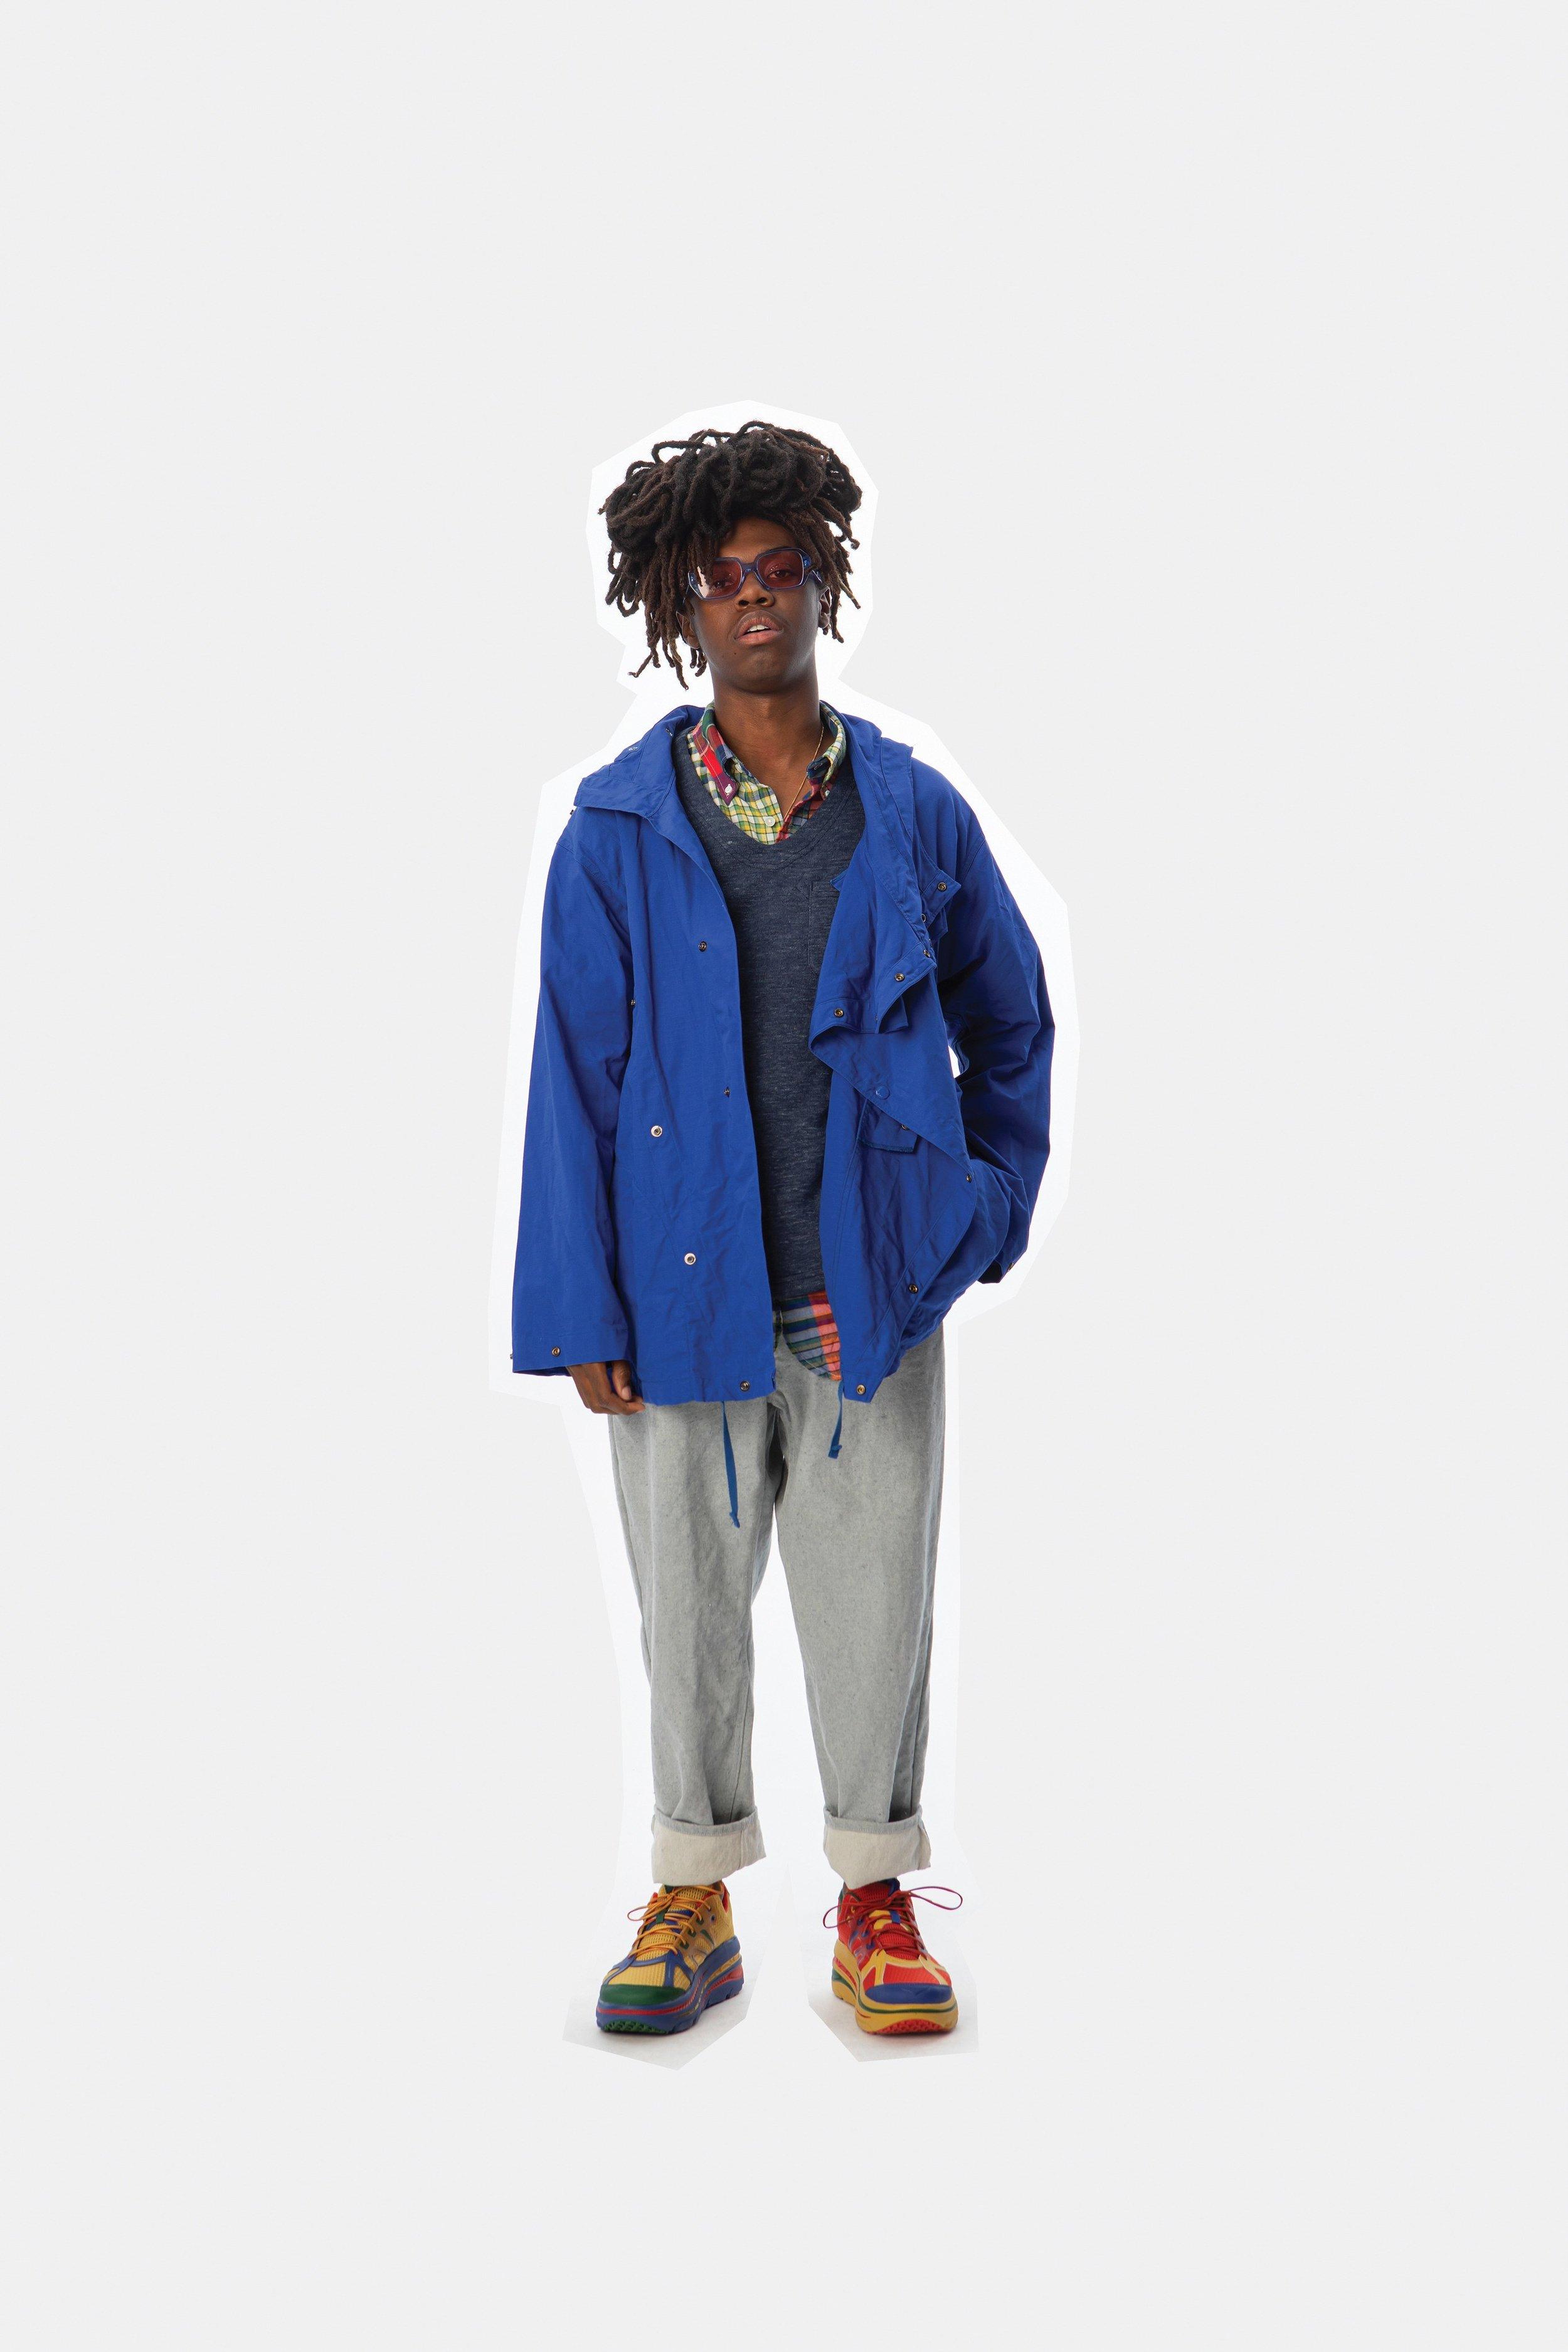 00021-Engineered-Garments-Mens-Spring-2020.jpg